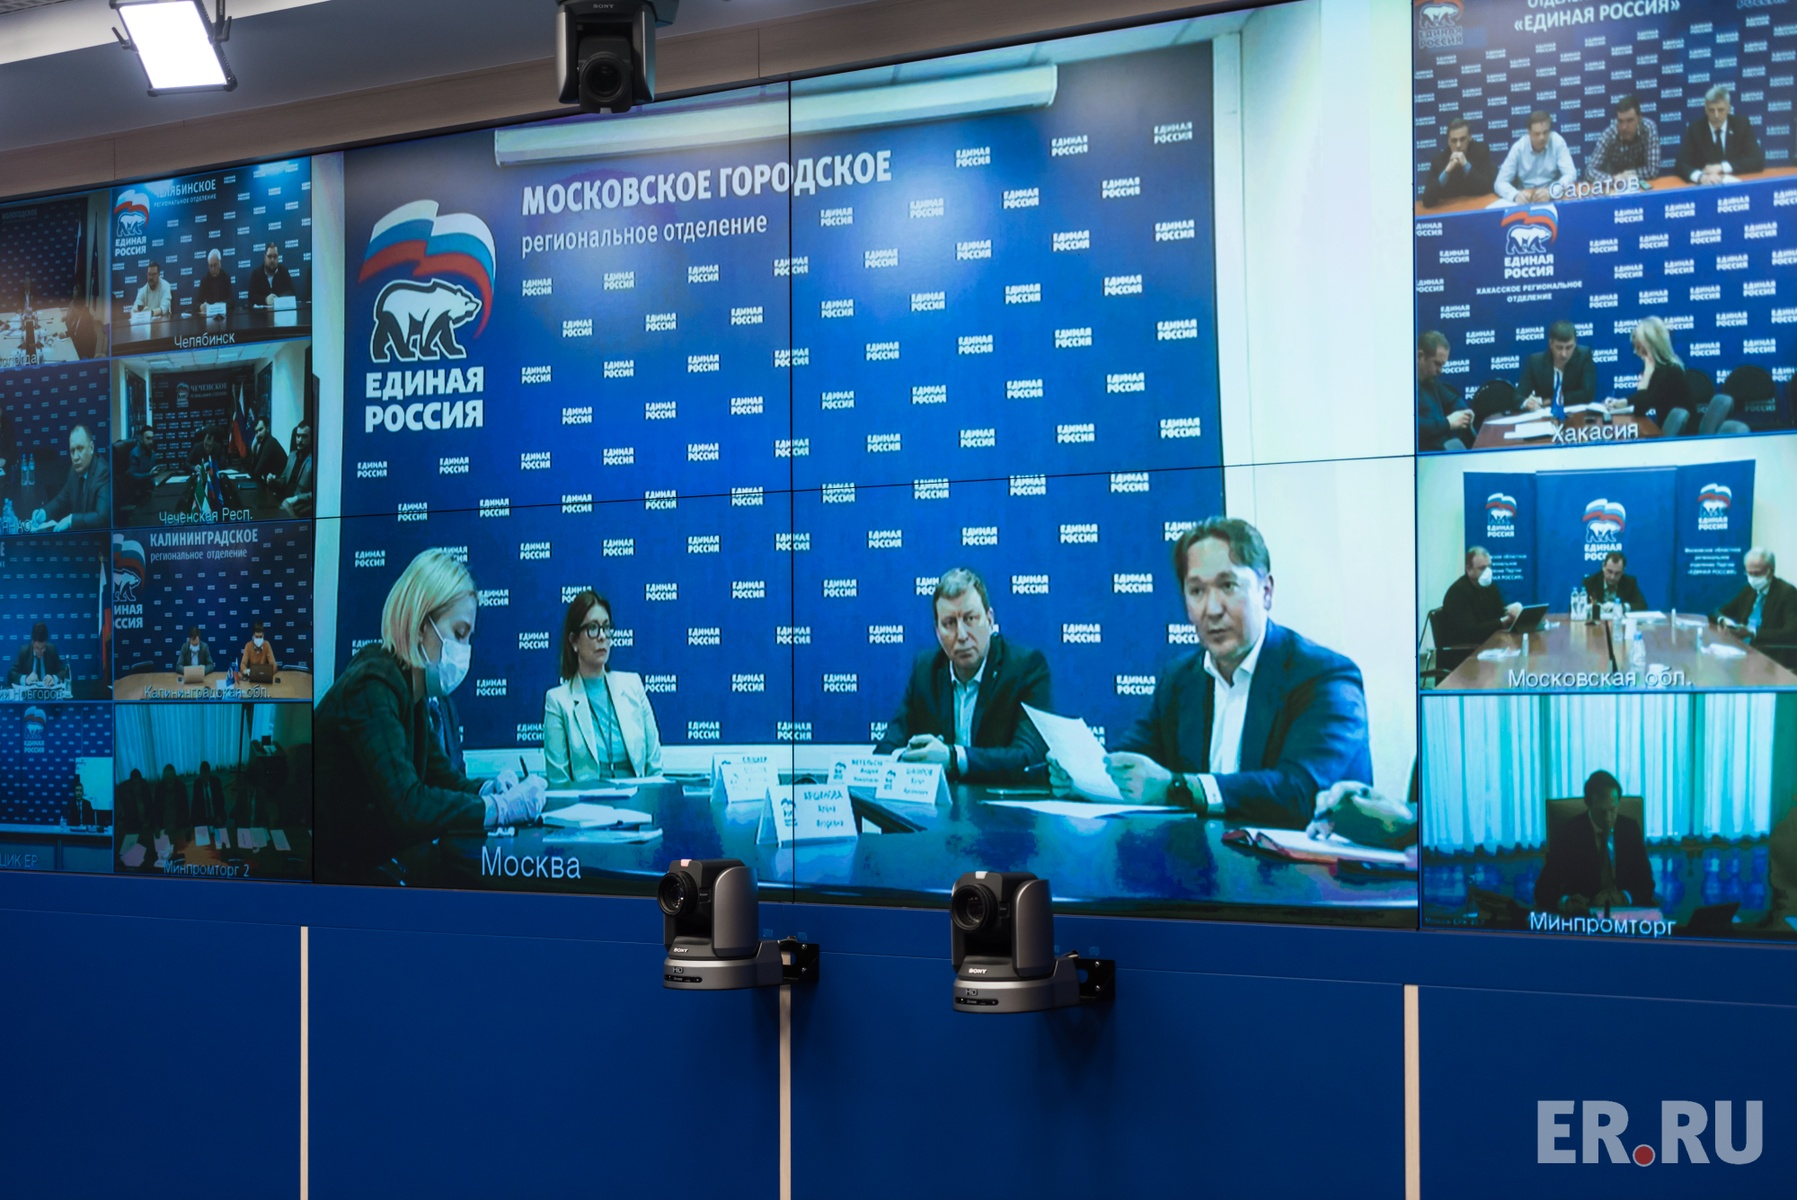 Дмитрий Медведев провел онлайн-совещание с представителями предпринимательского сообщества